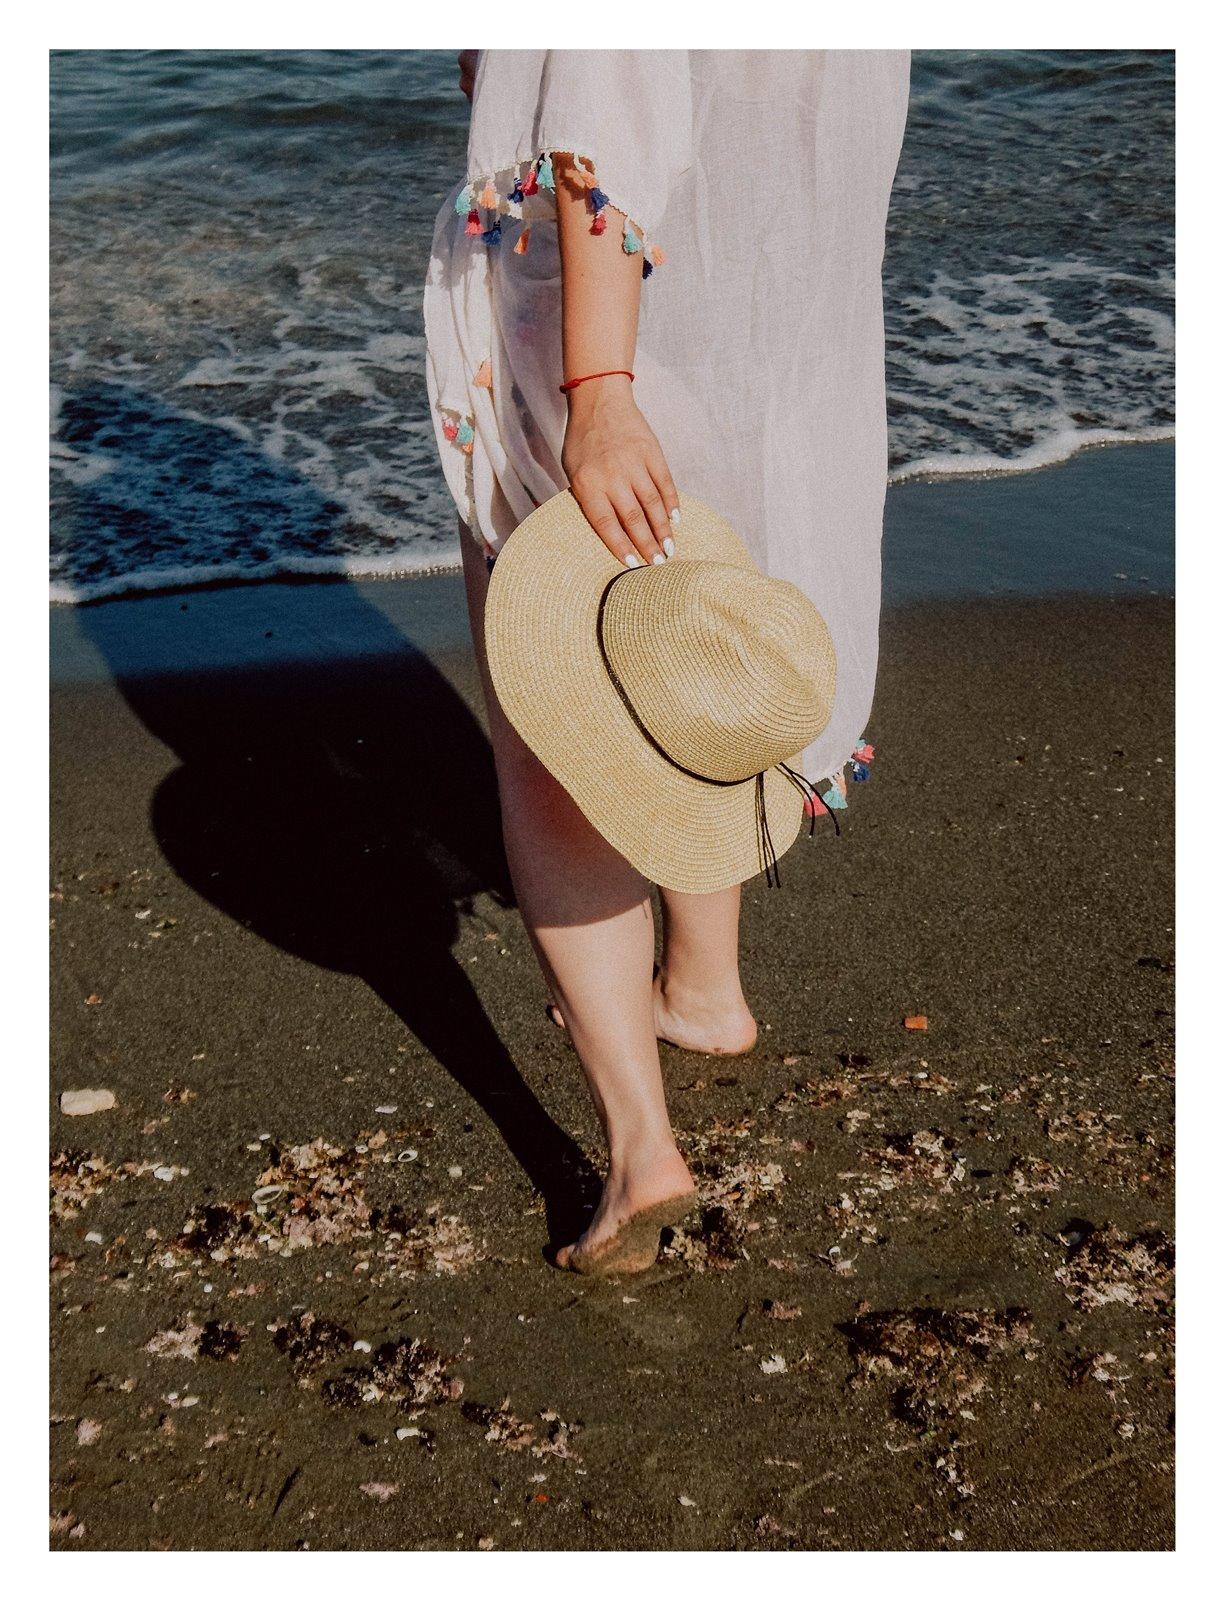 9 szaleo wakacje w maladze malaga jak spędzić wakacje co zobaczyć stylizacja na plaże pareo składany kapelusz słomkowy modne dodatki na wakacje na plażę z frędzlami z pomponami hiszpania polski kraj język ceny outfit